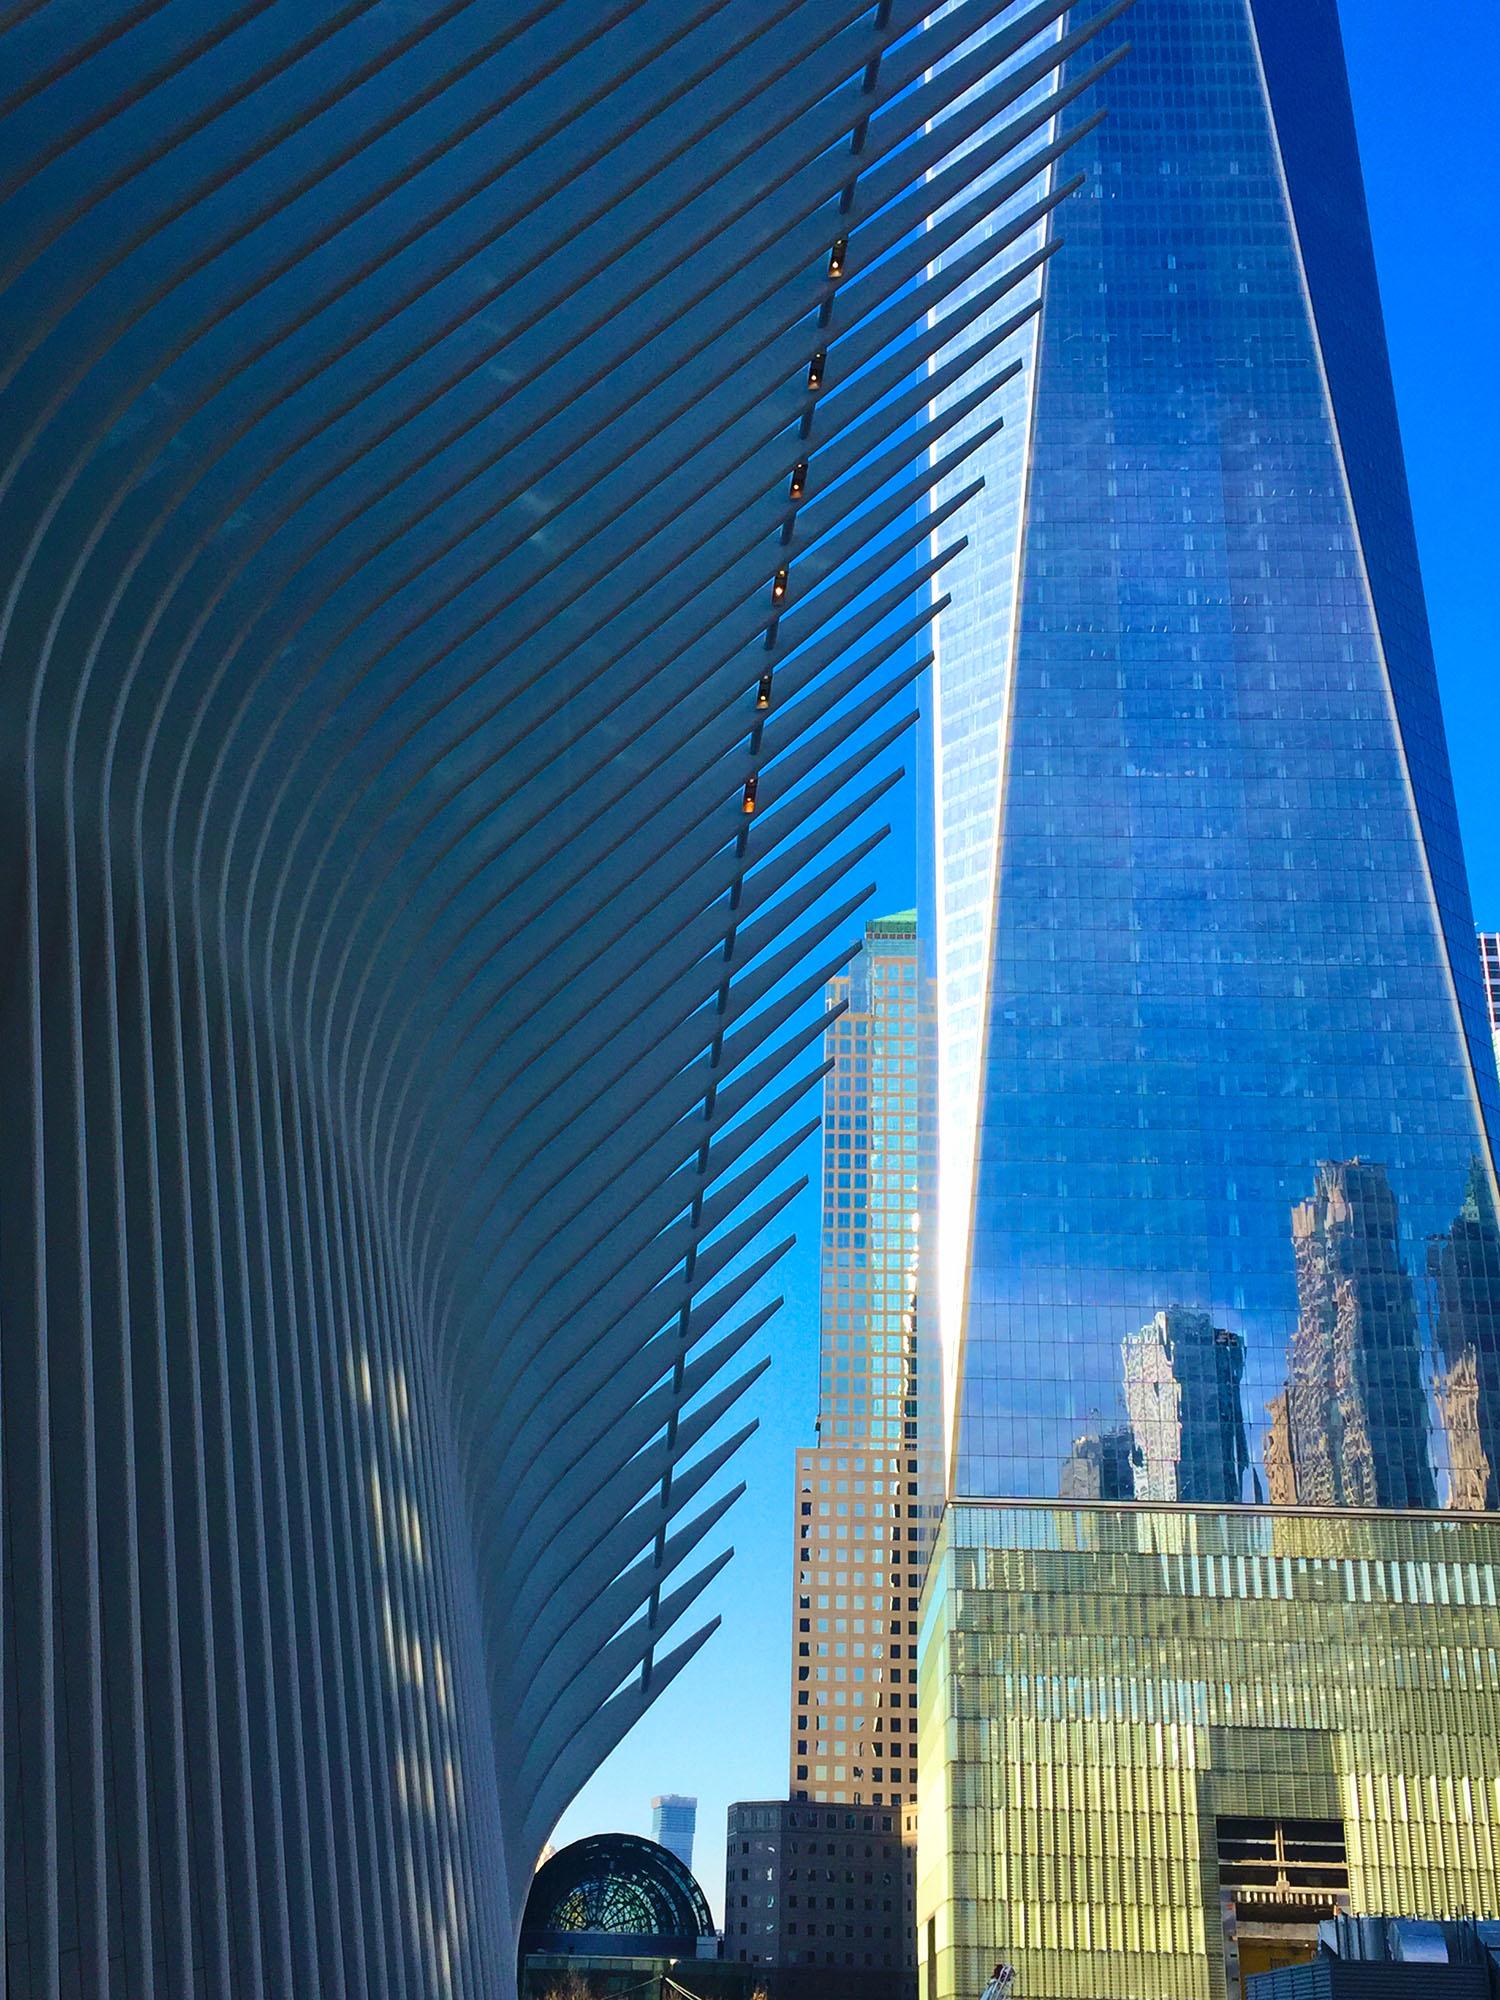 Santiago Calatrava, SOM David Childs and James Carpenter